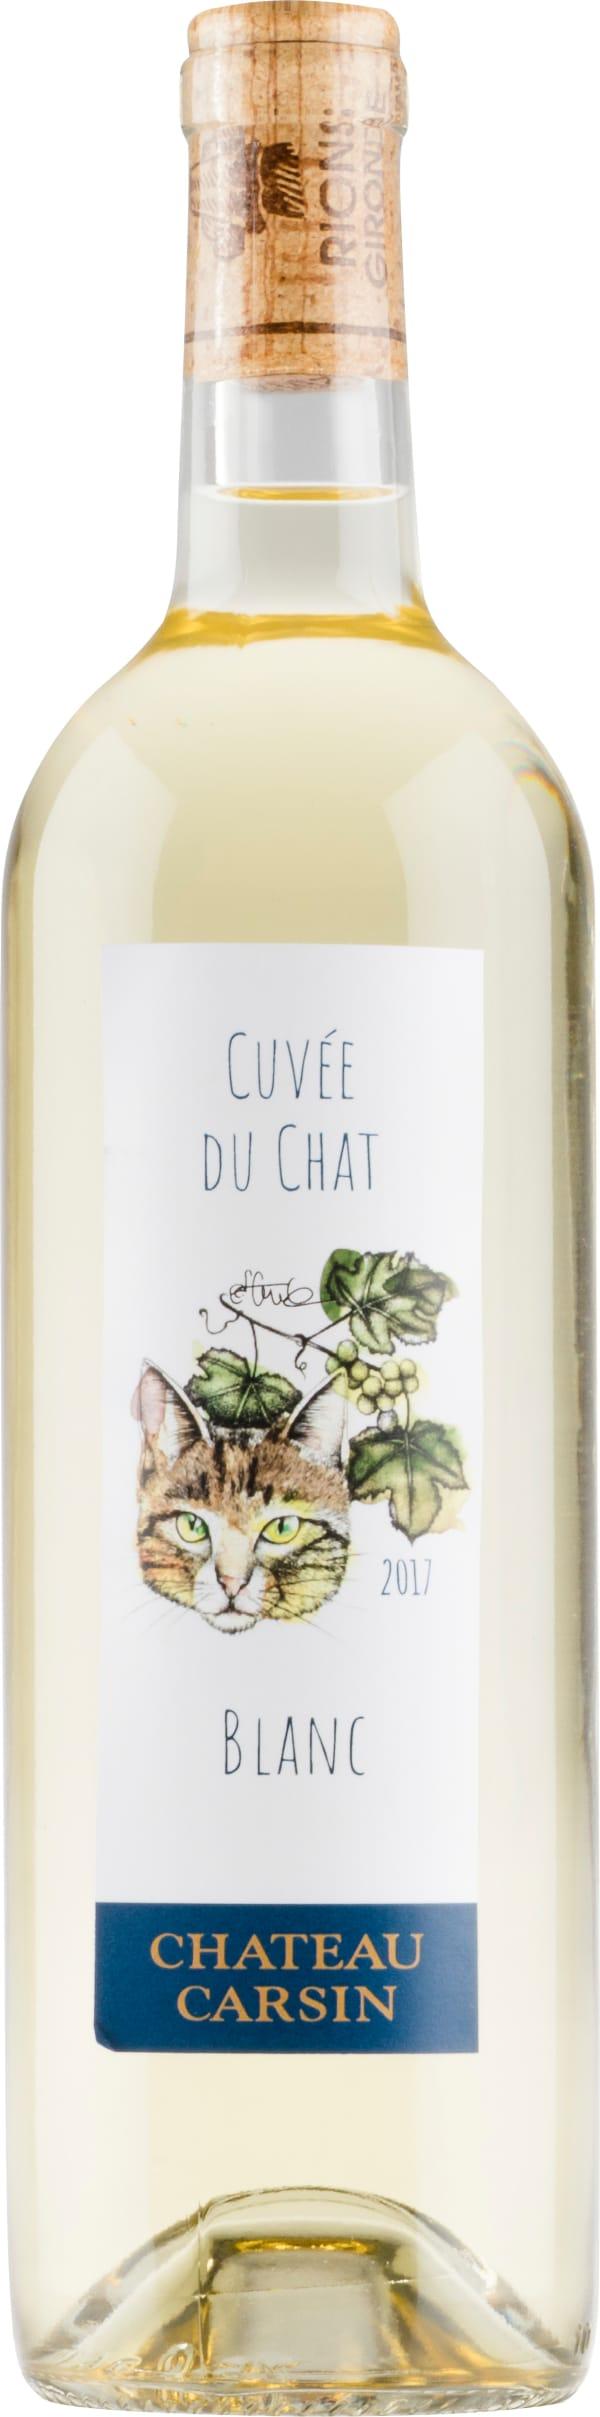 Château Carsin Cuvée du Chat Blanc 2018